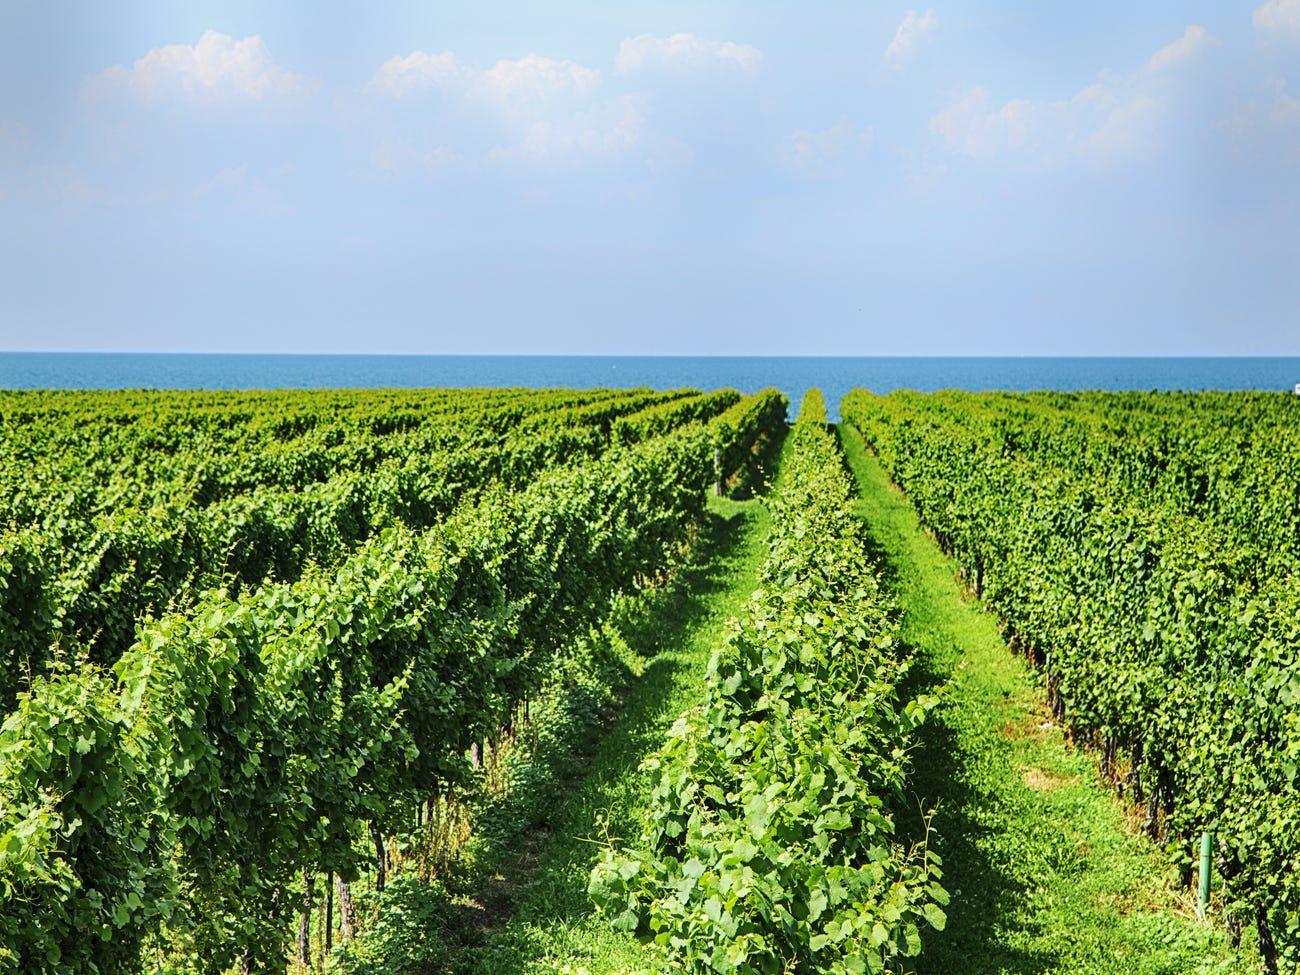 Ontario wine